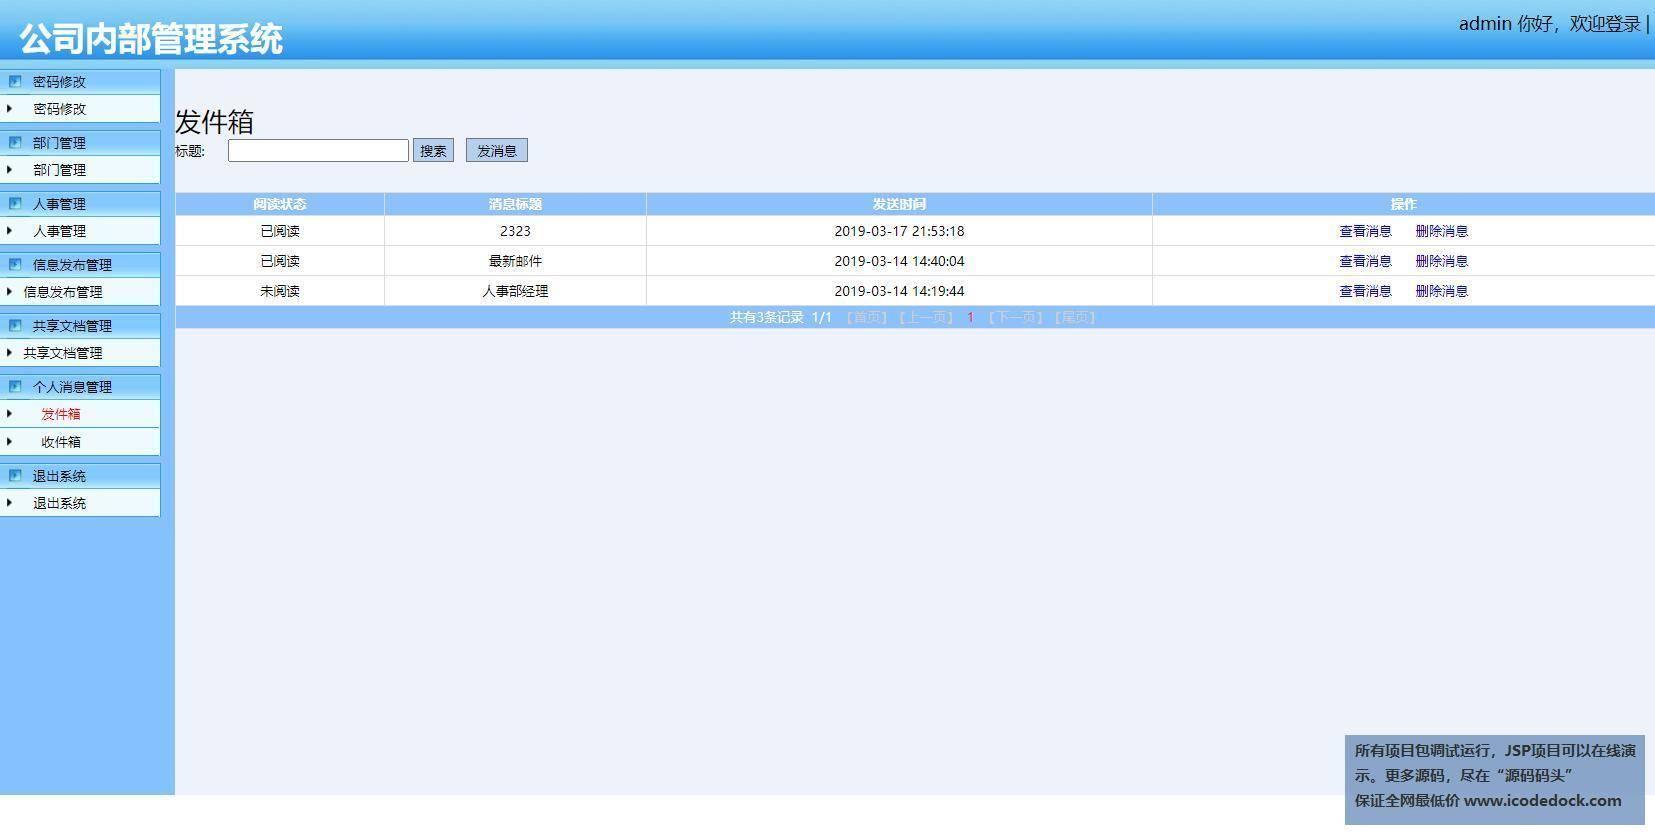 源码码头-SSH公司内部办公自动化管理系统-管总经理角色-发送邮件